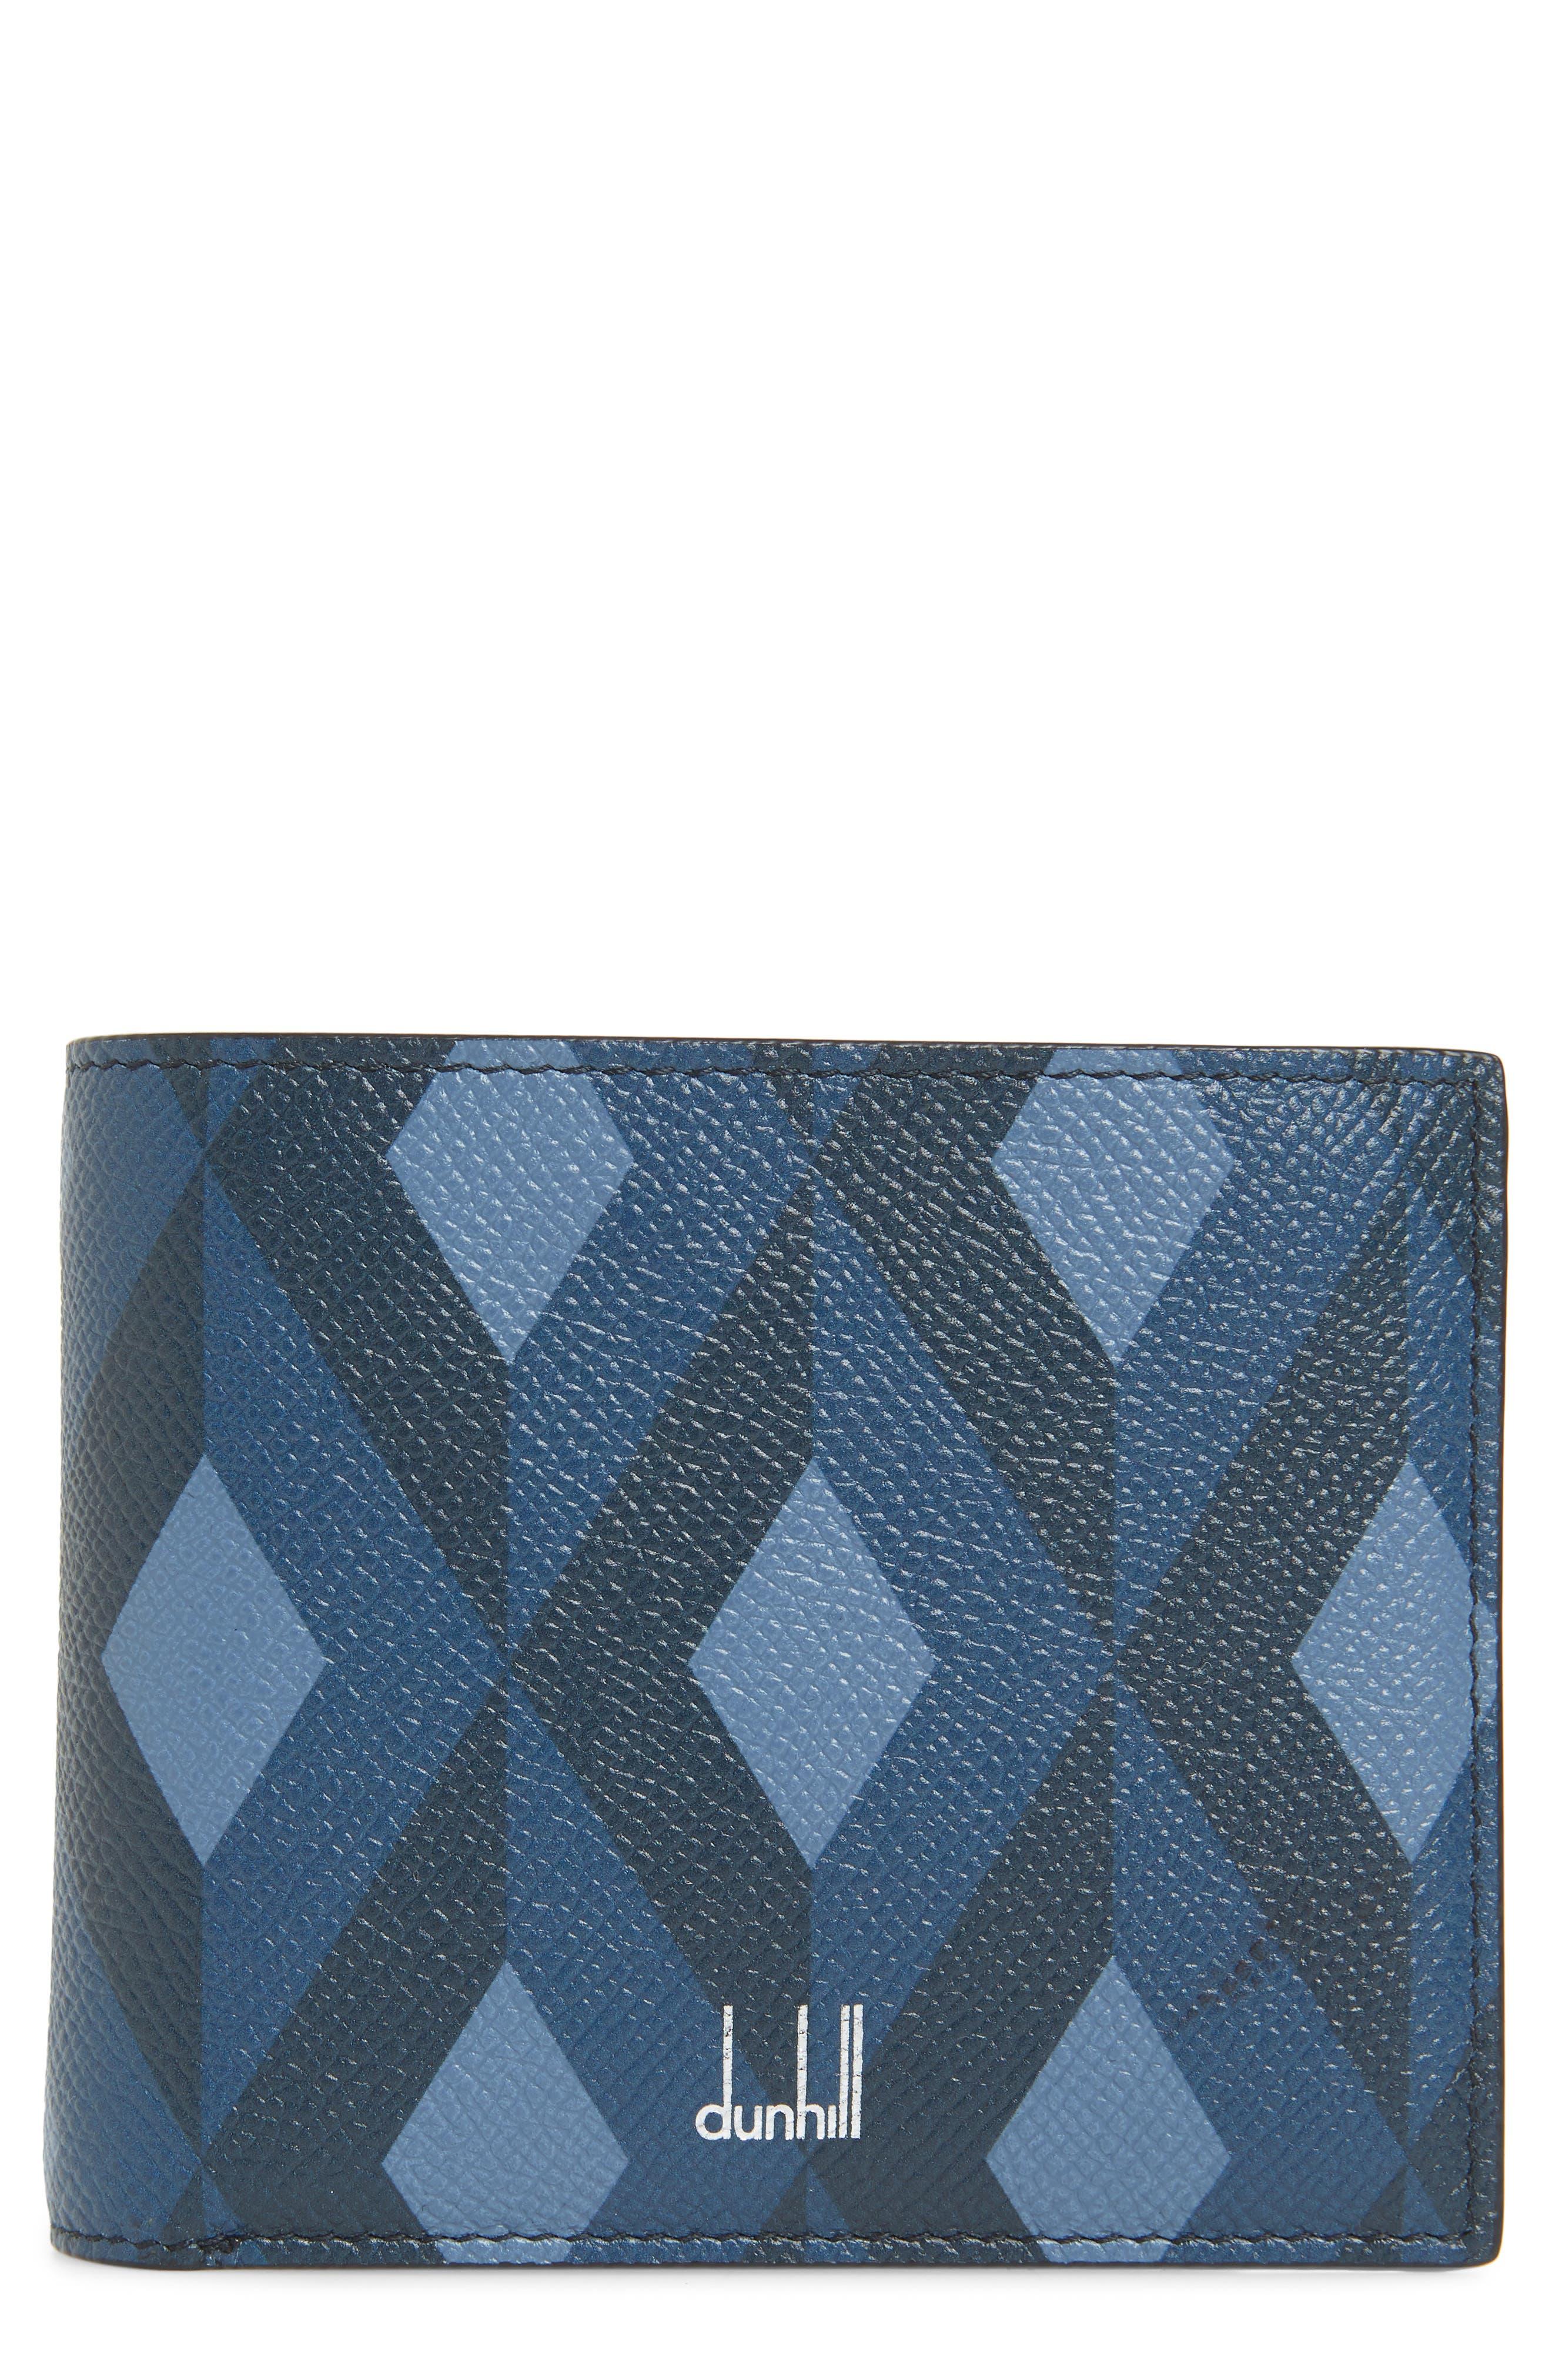 Cadogan Leather Wallet,                             Main thumbnail 1, color,                             BLUE